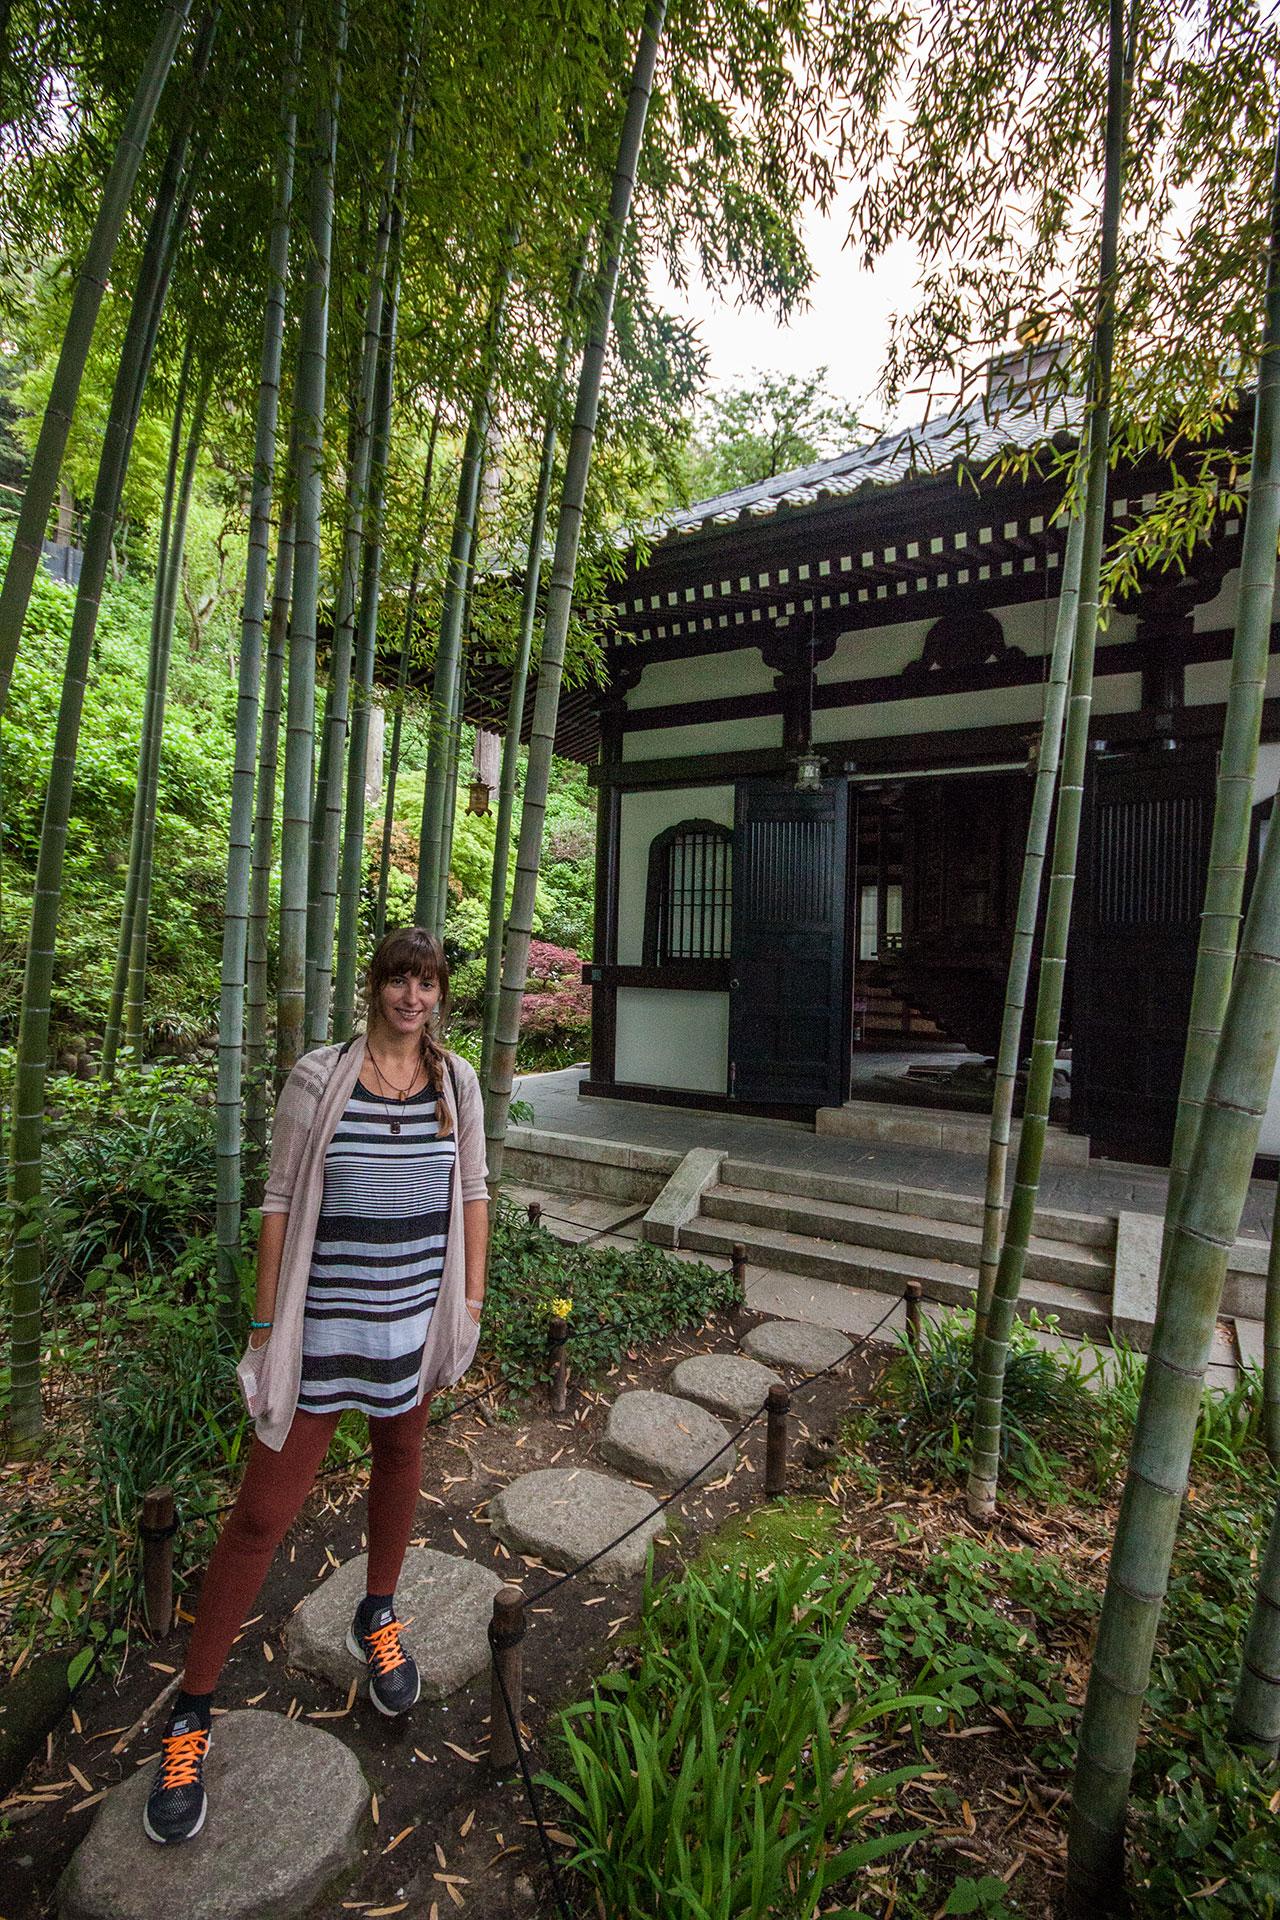 Vor der Gebetsmühle in einem kleinen Bambuswald